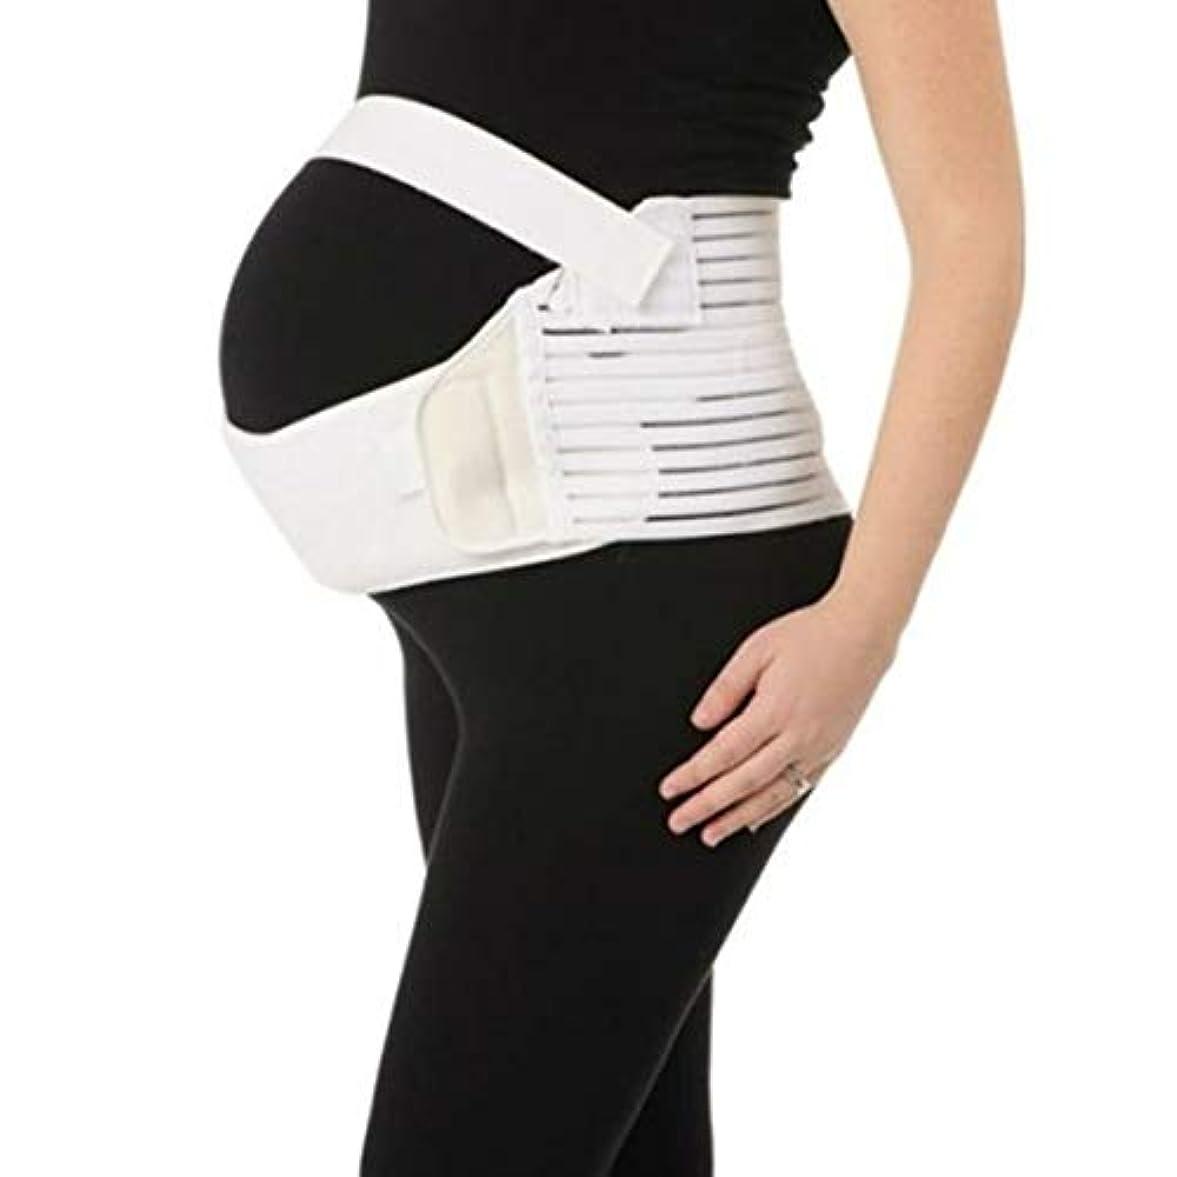 ブルただやるトピック通気性マタニティベルト妊娠腹部サポート腹部バインダーガードル運動包帯産後回復形状ウェア - ホワイトXL